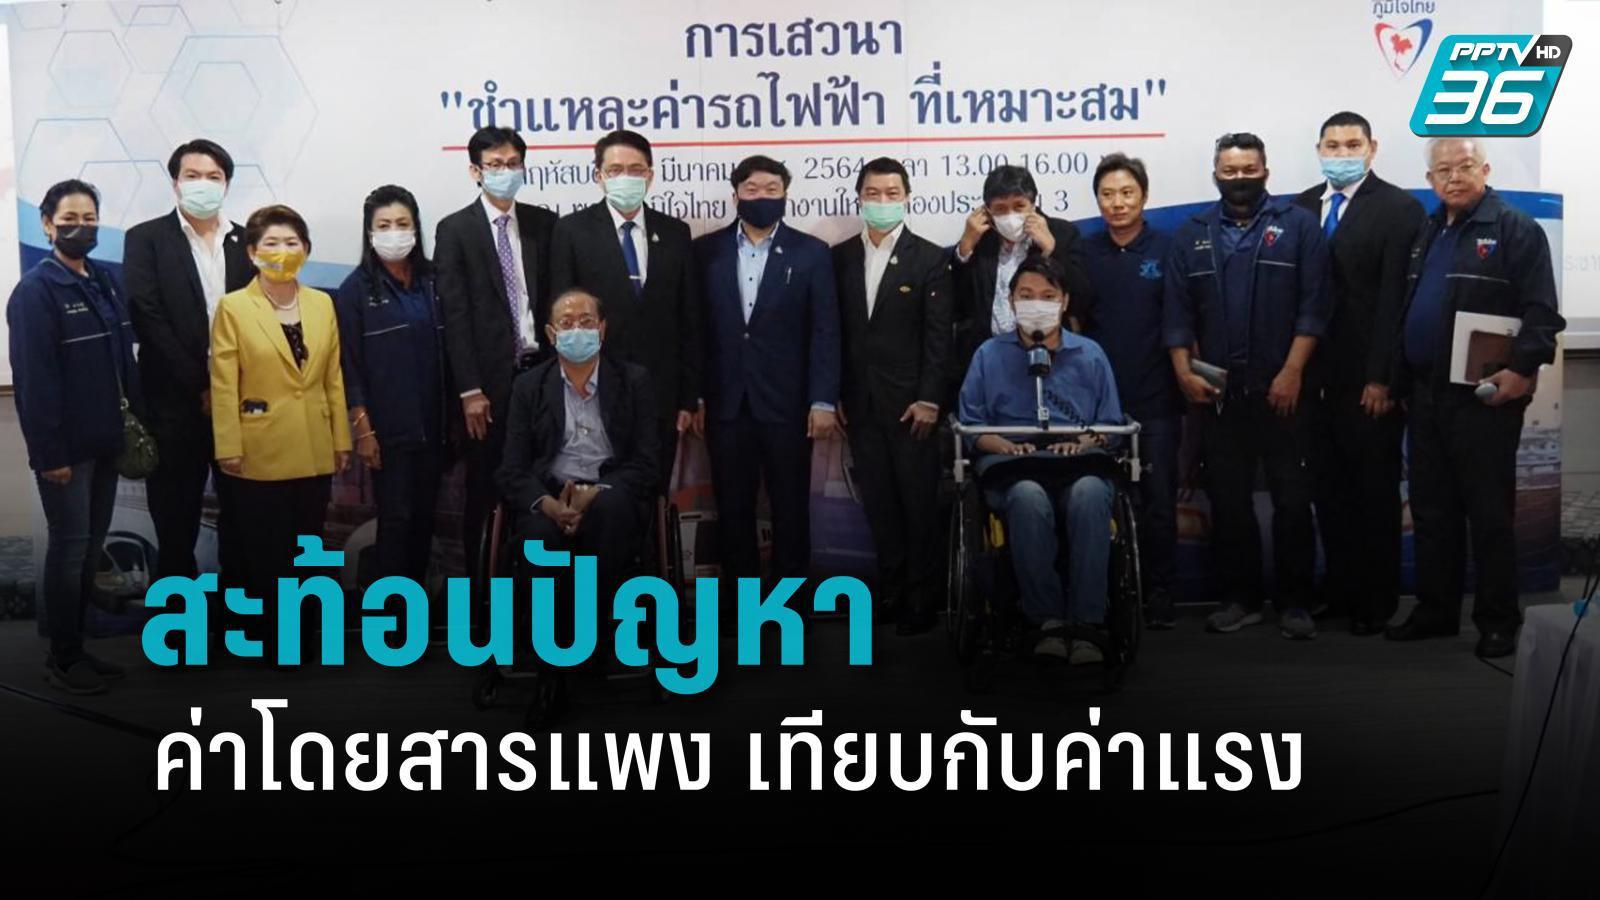 """""""ภูมิใจไทย"""" เปิดเวที """"ชำแหละค่ารถไฟฟ้า ที่เหมาะสม"""""""